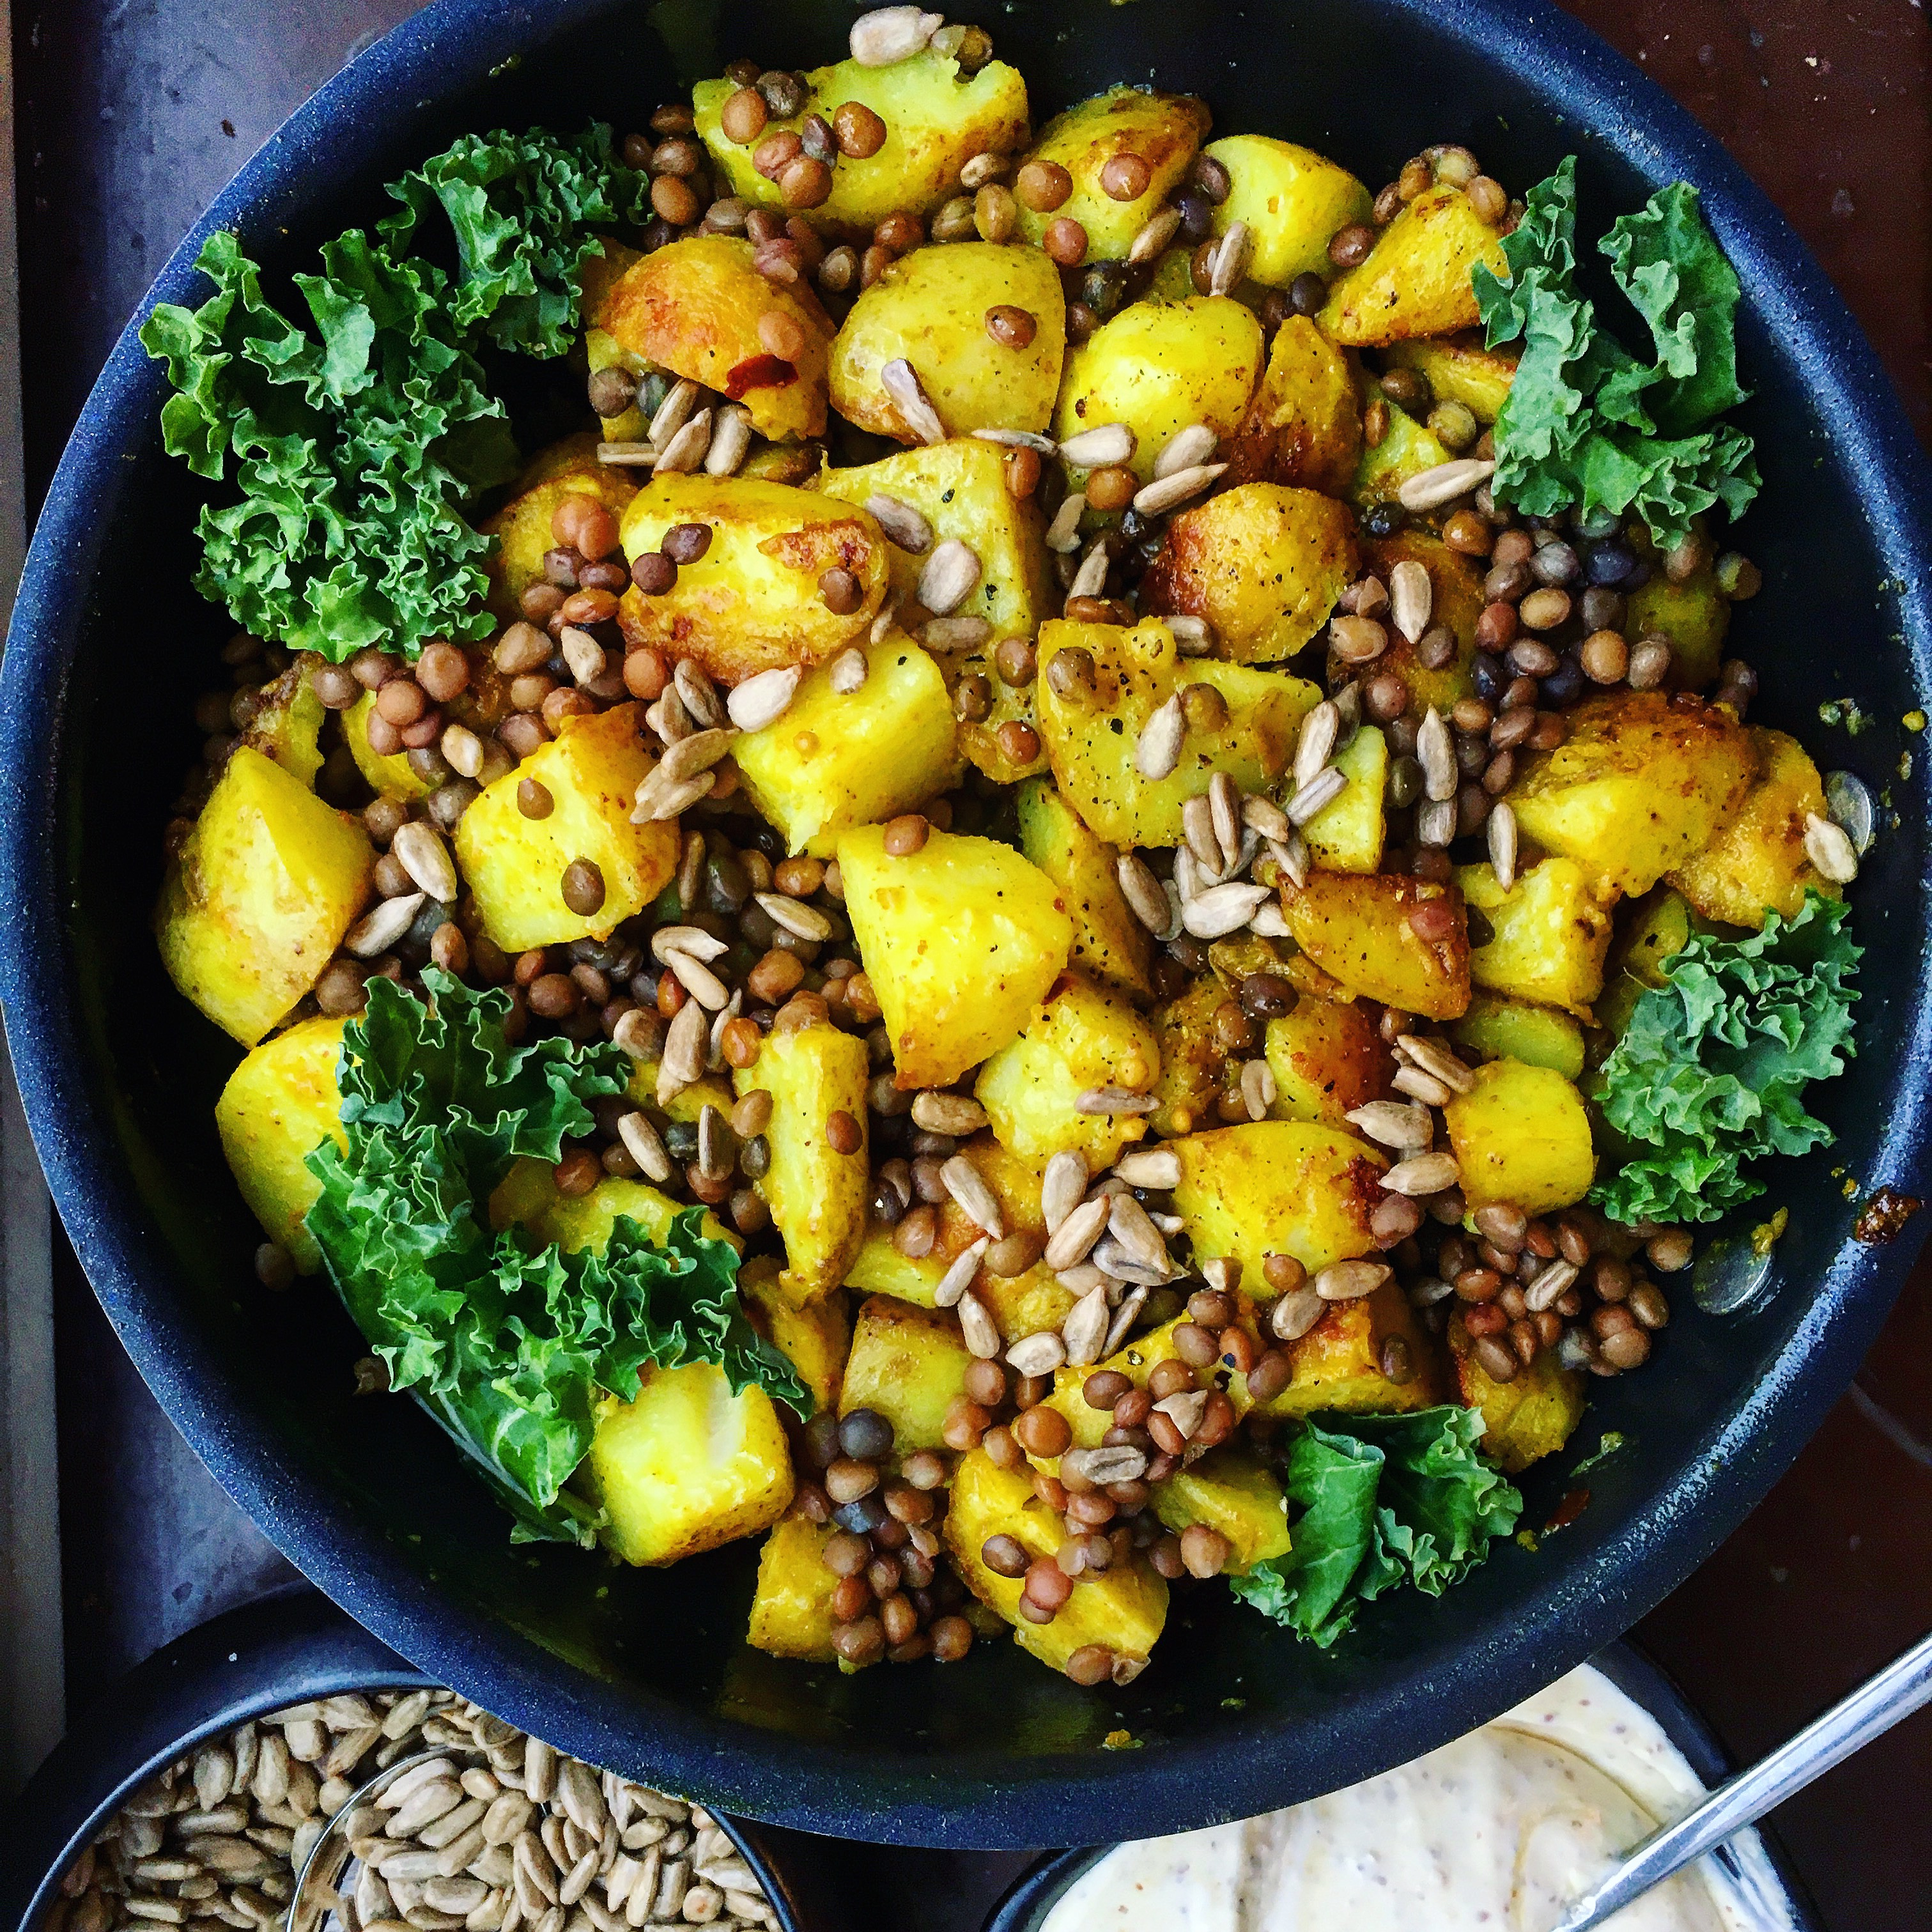 Nya rätter med matrester: potatis (del 2) – Tuvessonskan